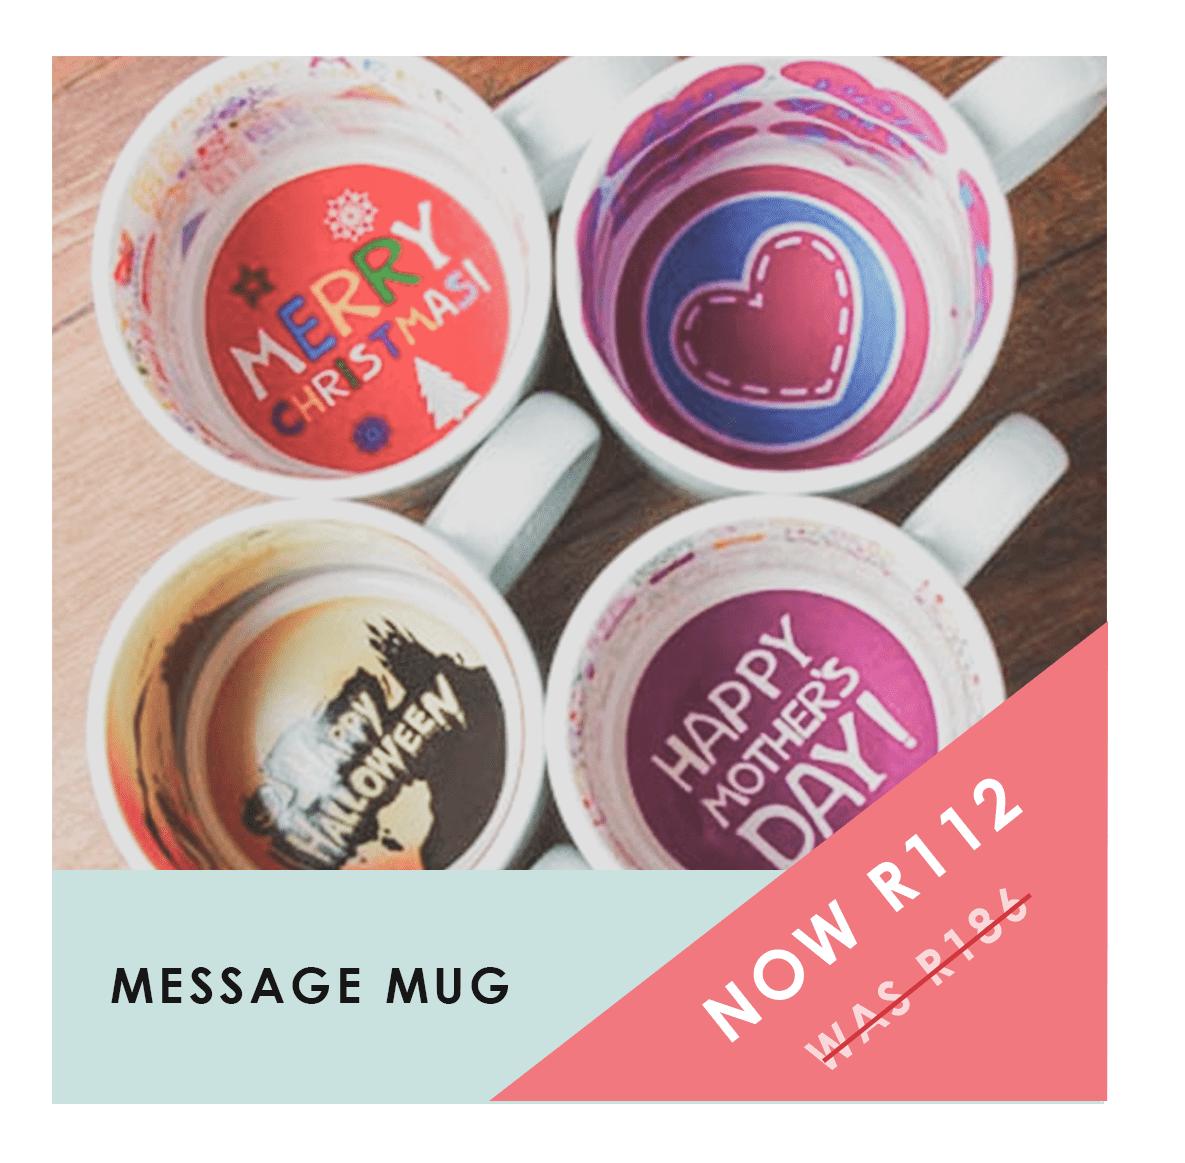 Message Mugs